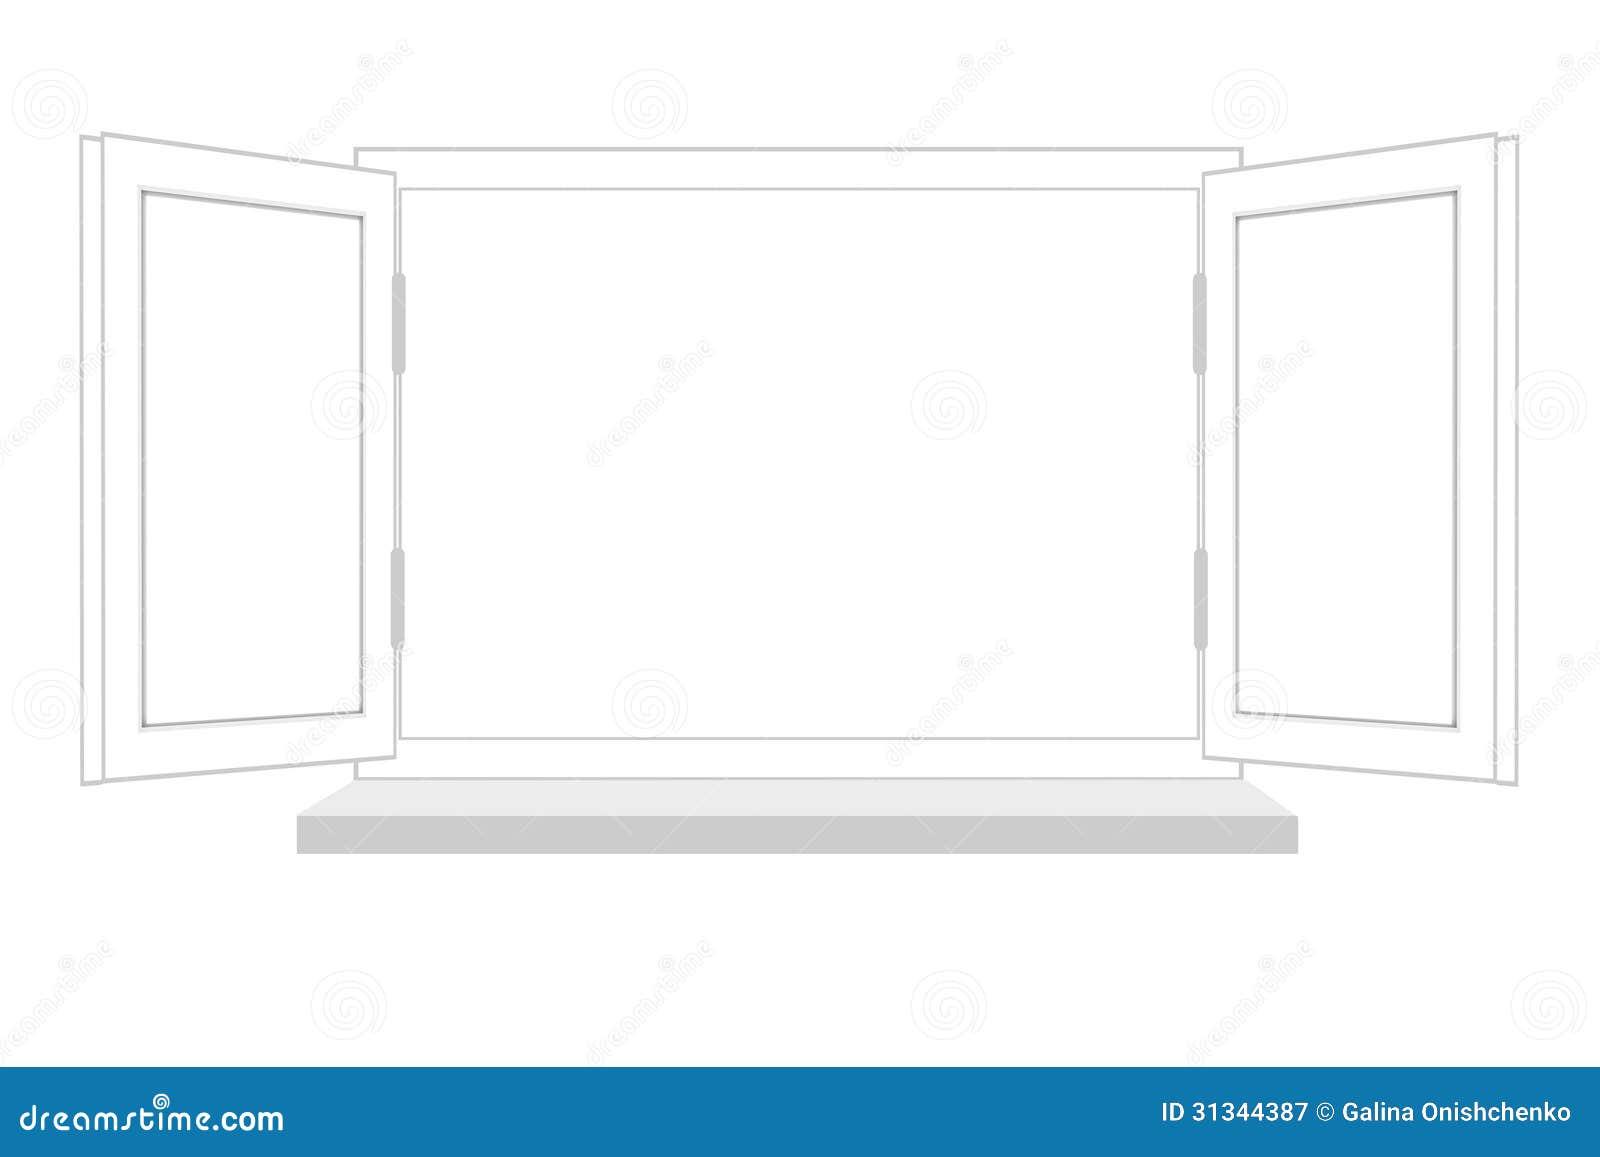 Fen tre ouverte sur un fond blanc il est isol for Fenetre entre ouverte